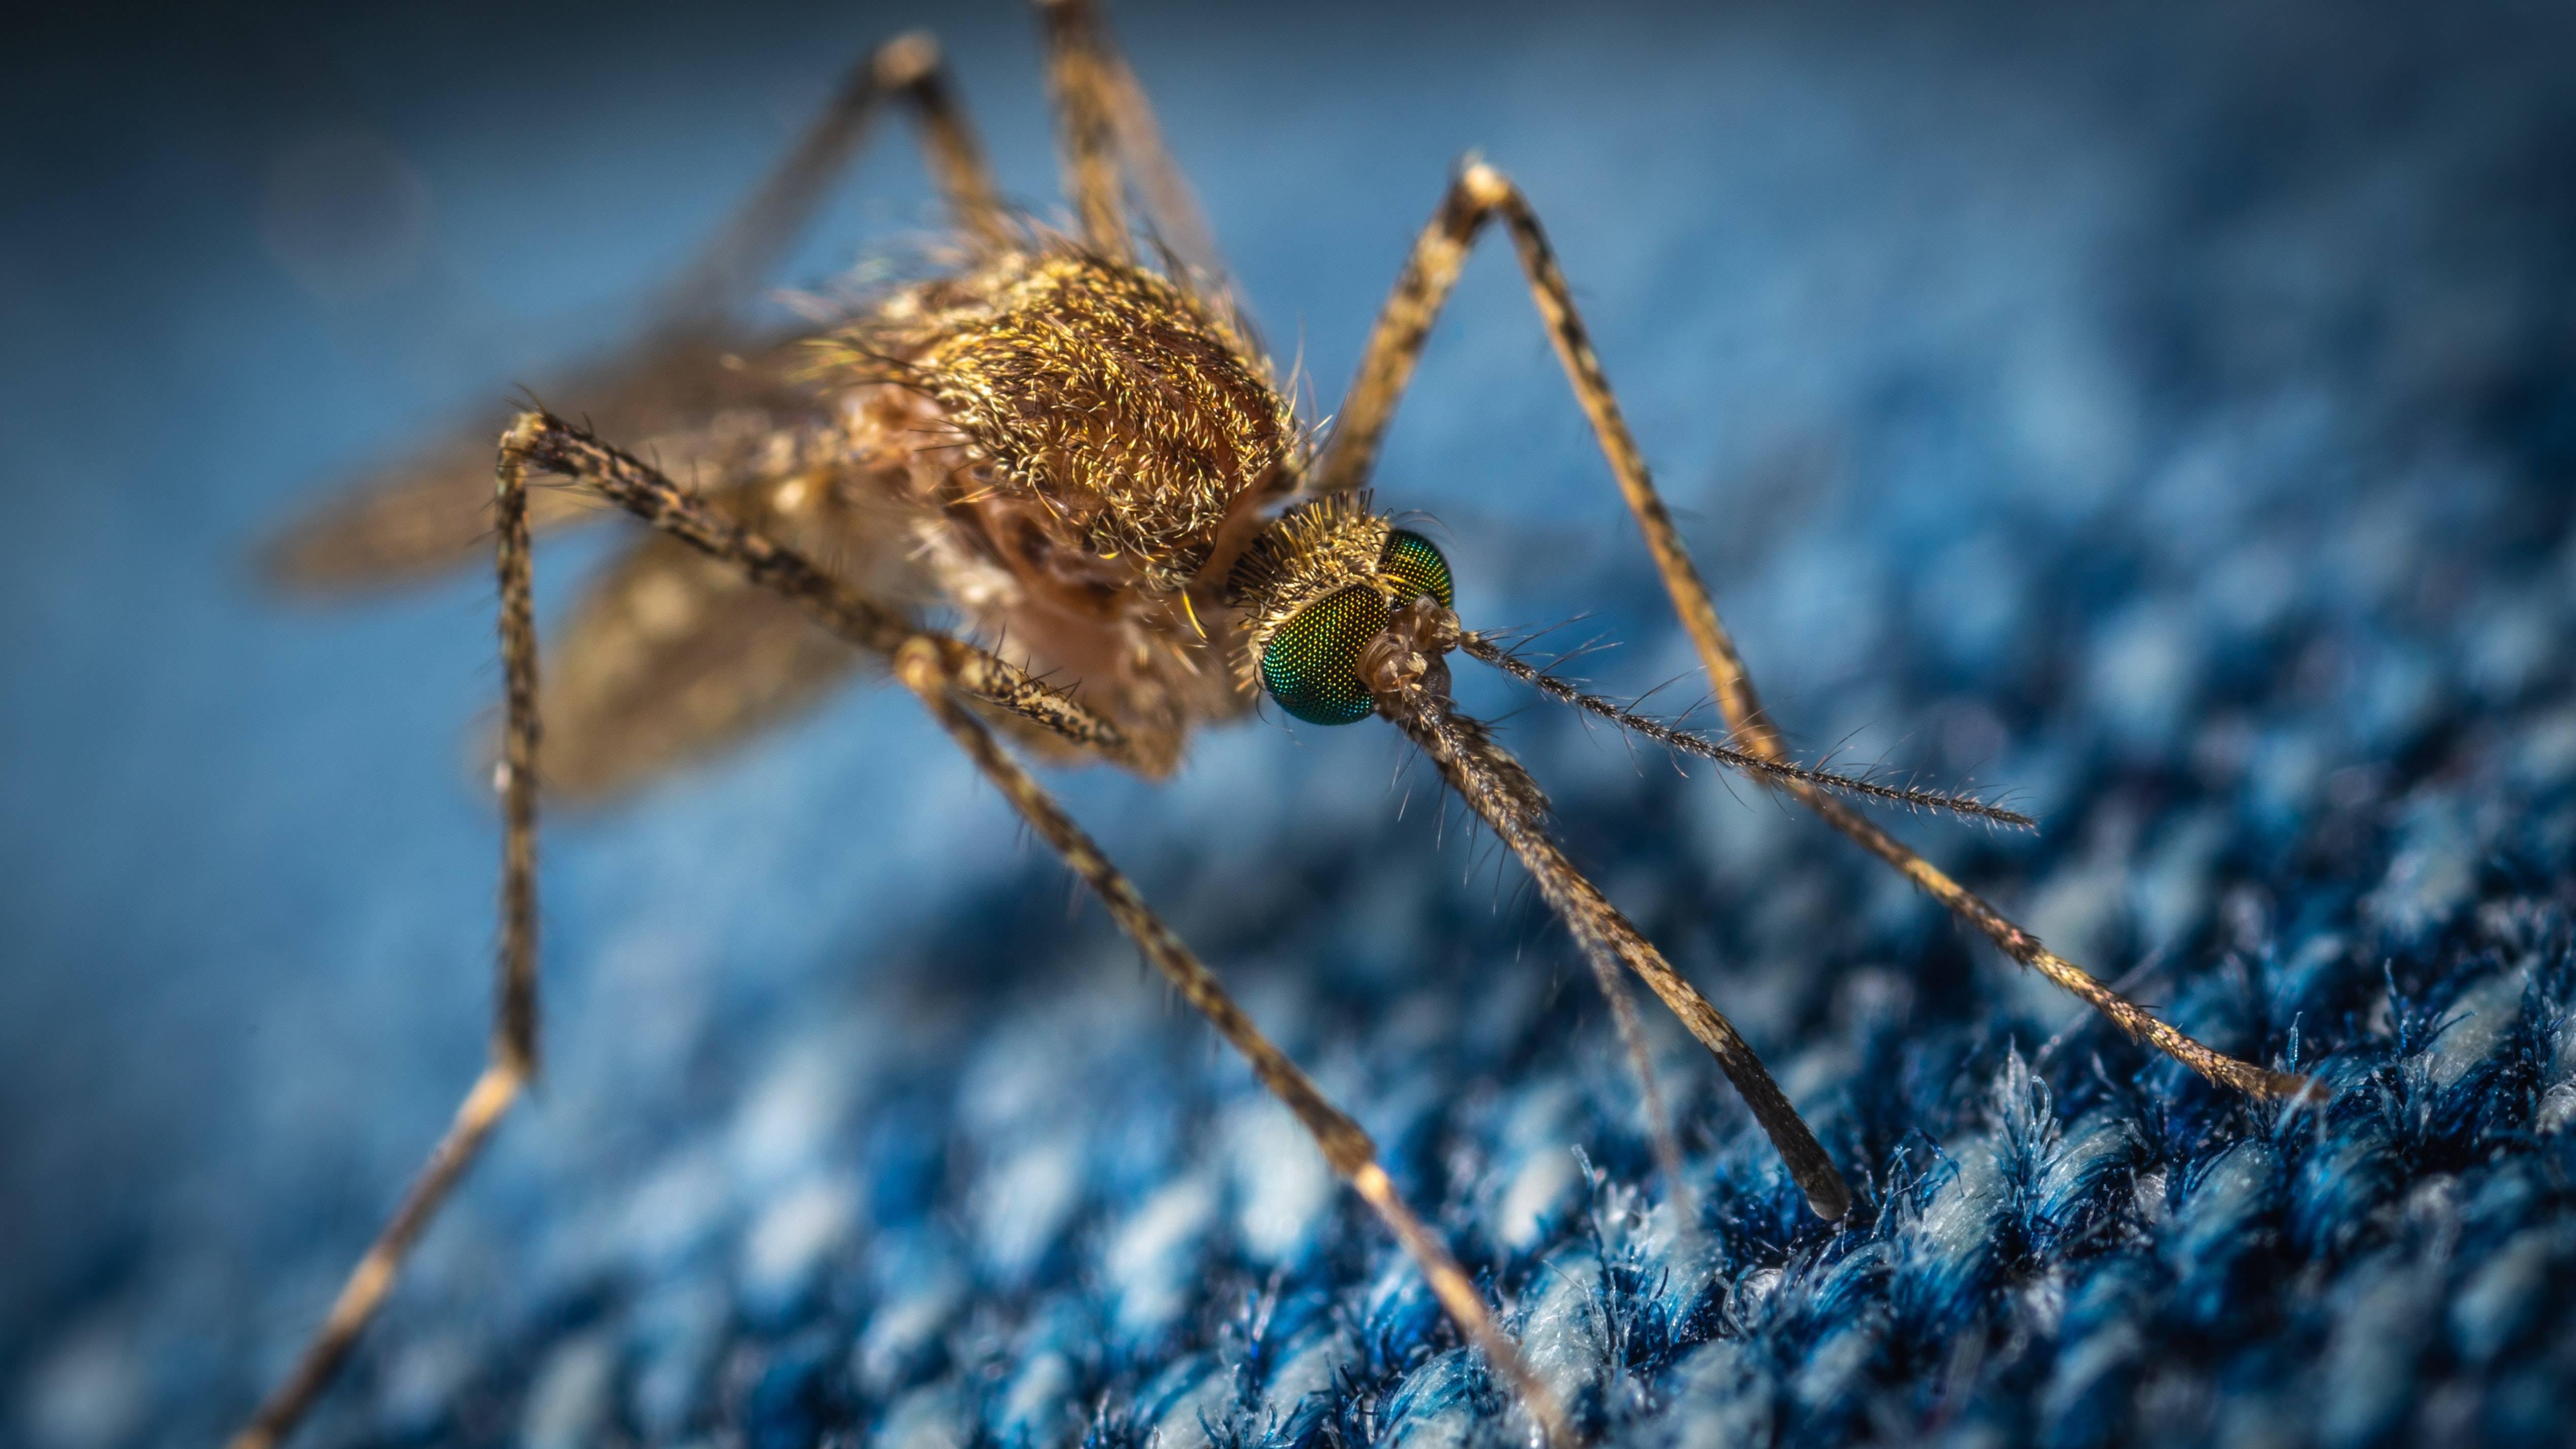 Experto explica porqué los mosquitos solo pican a ciertas personas